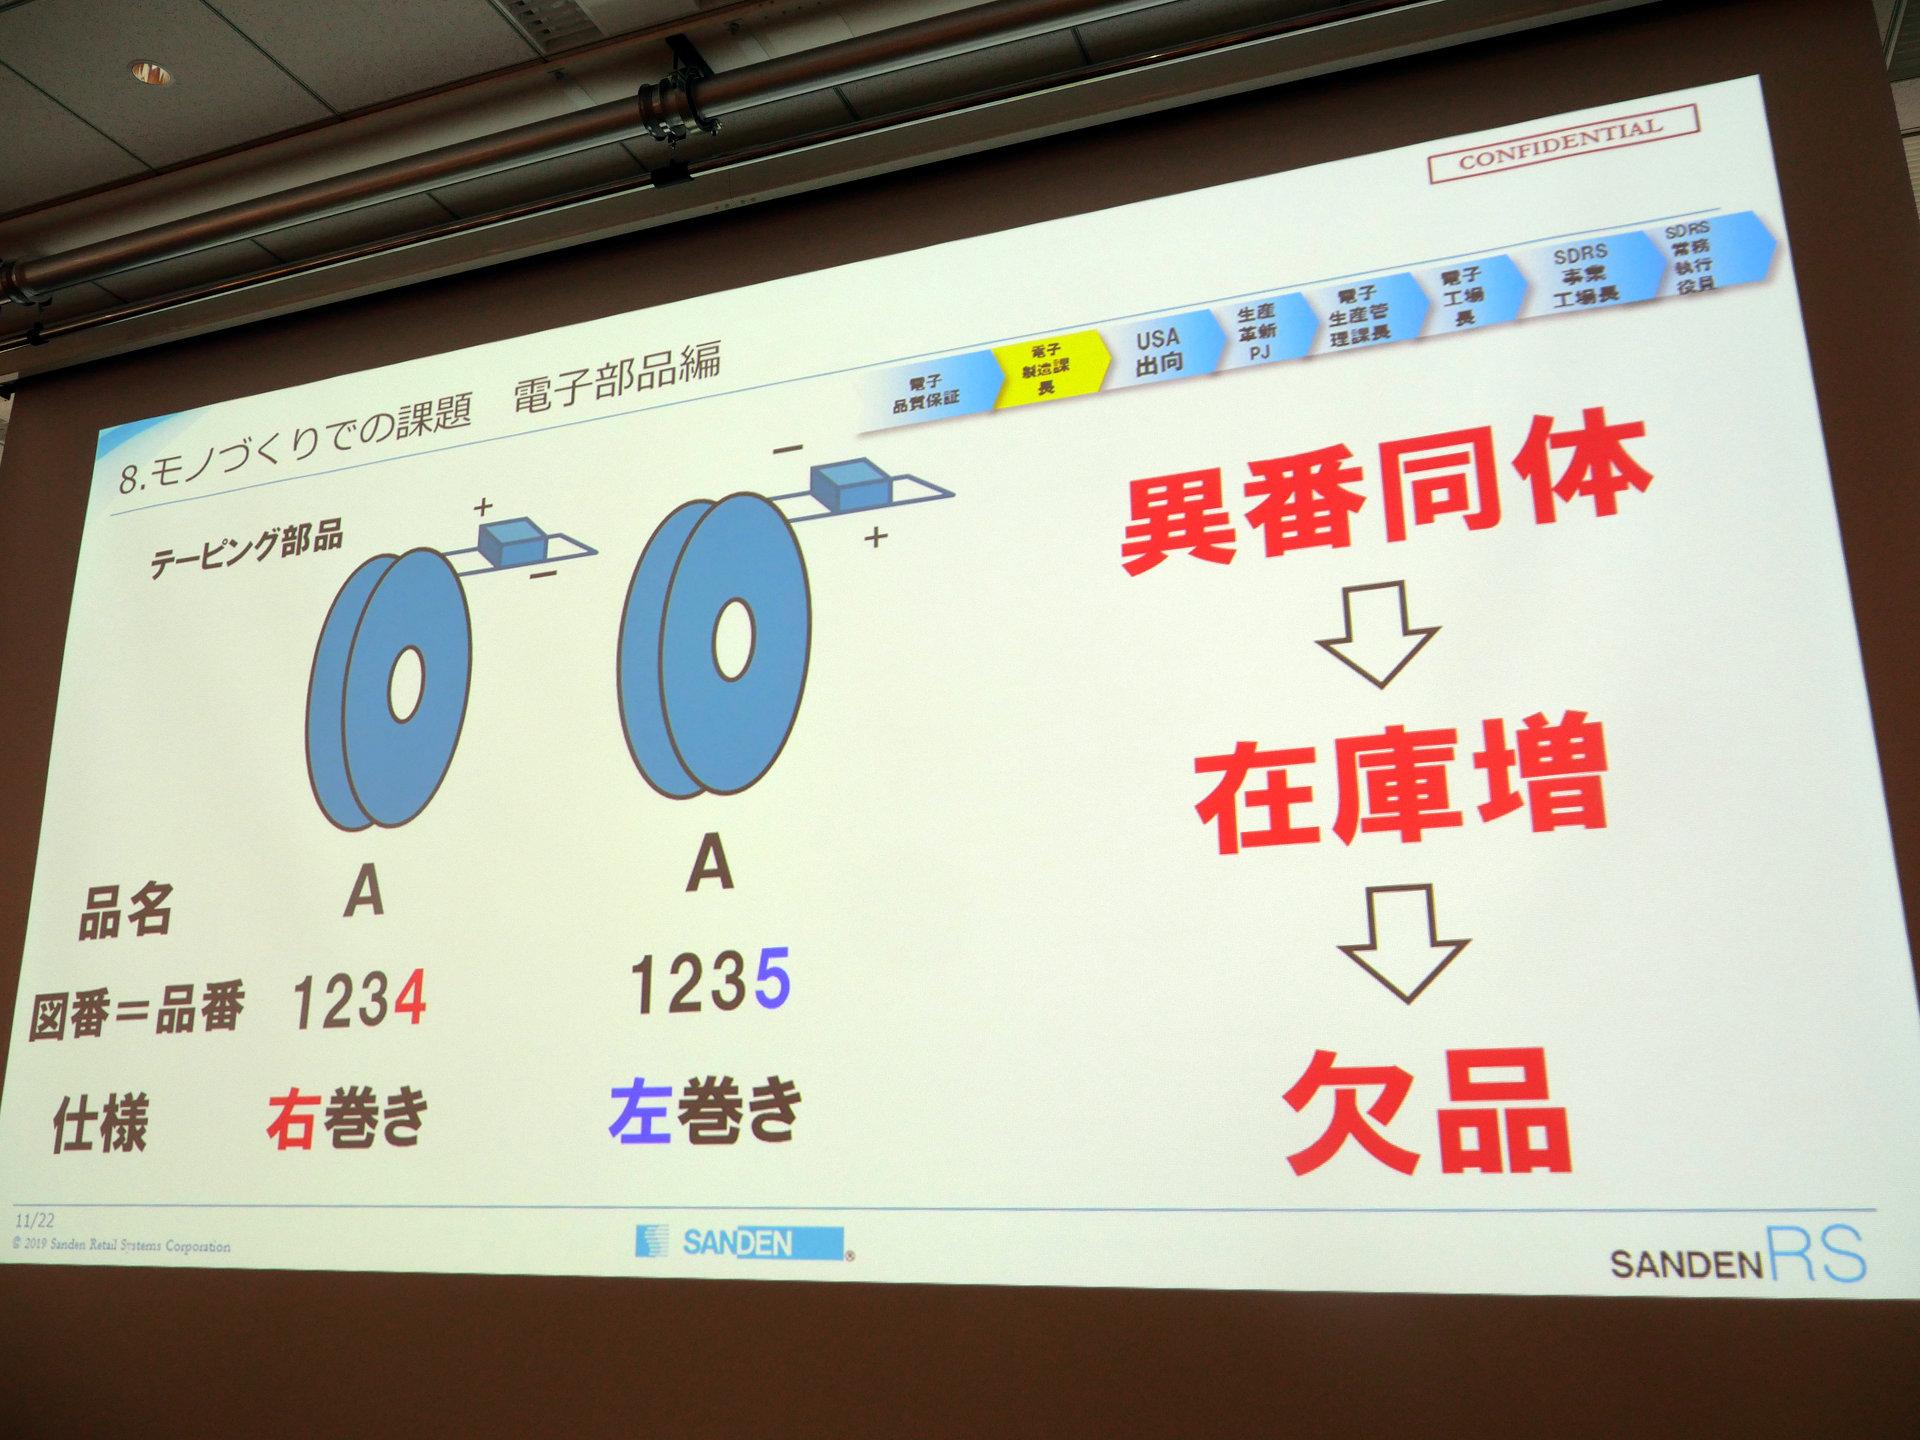 リテール システム サンデン 【サンデンHD】流通システム事業をファンドに売却し、自動車機器に集中